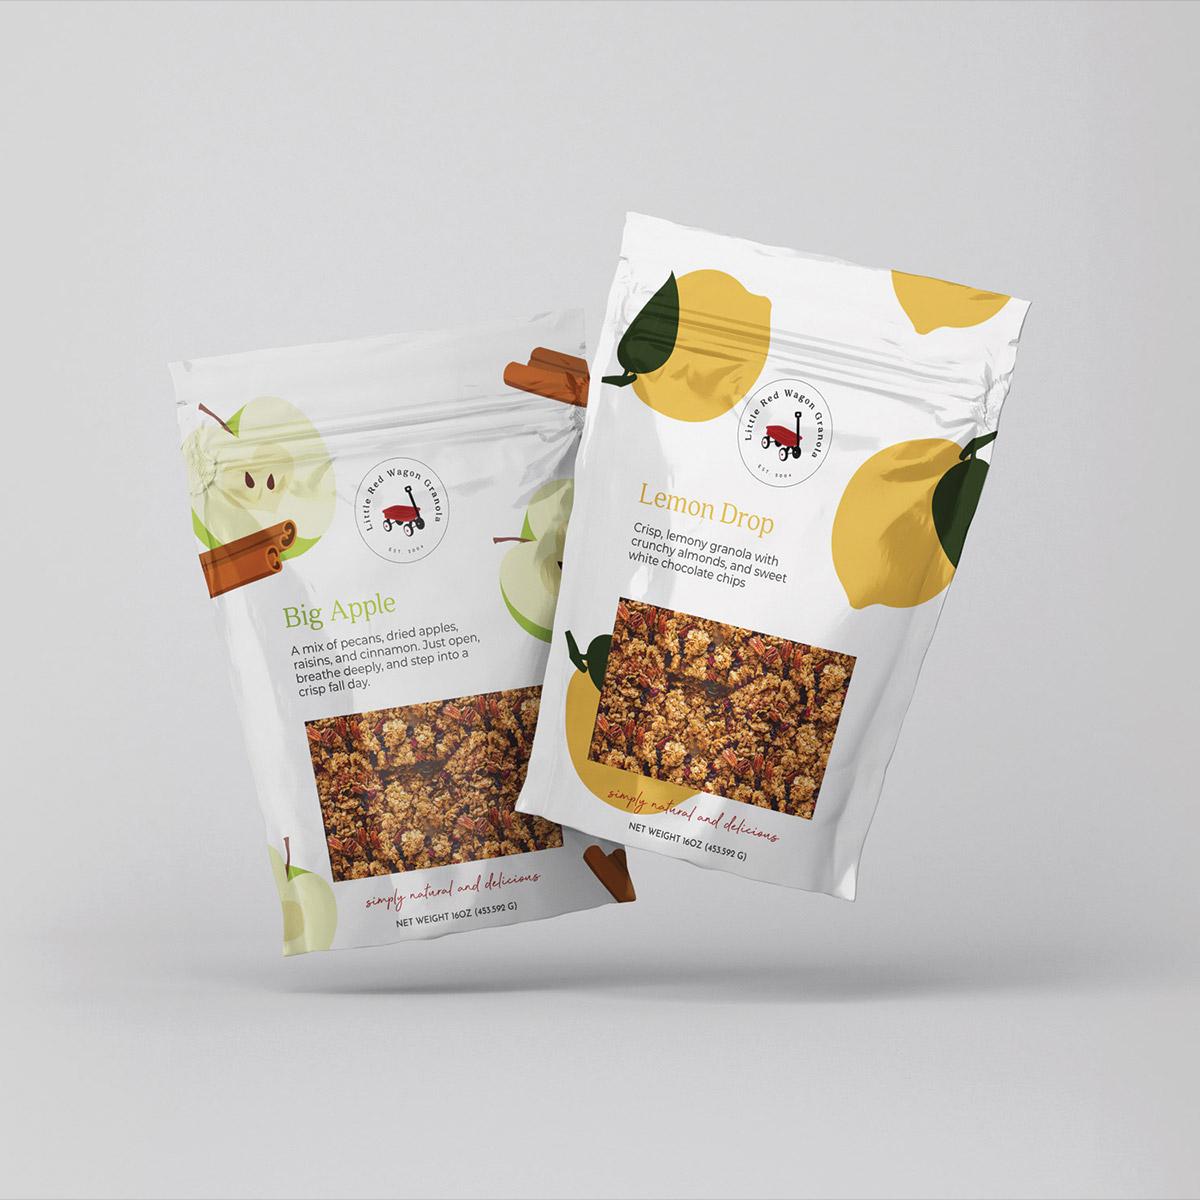 Unique granola flavors from Little Red Wagon Granola